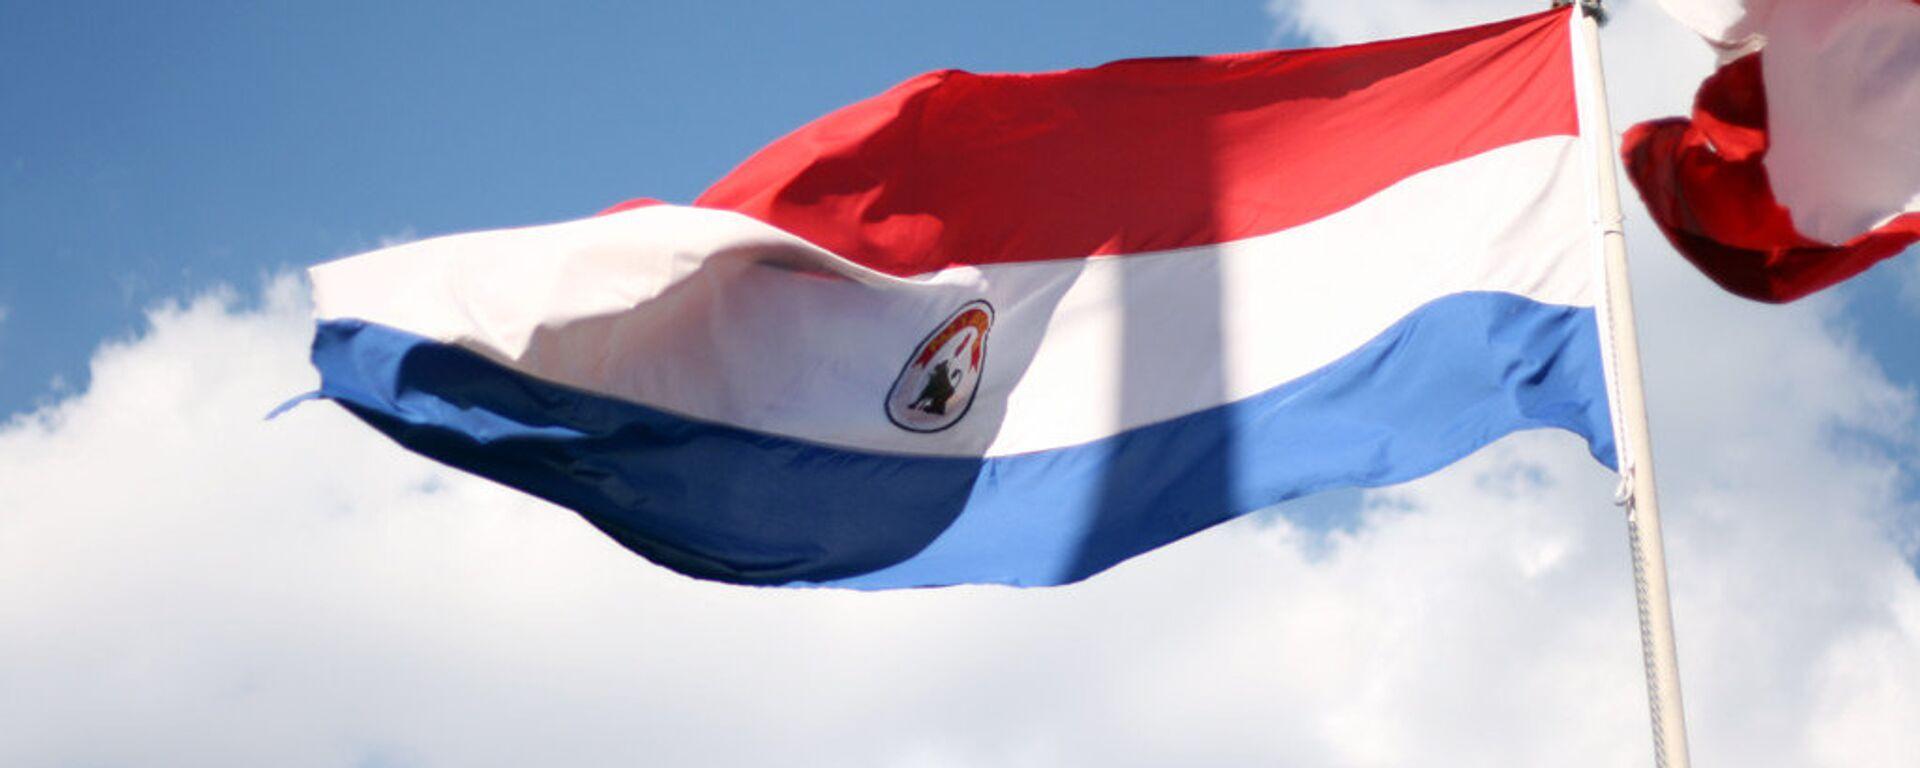 Bandera de Paraguay - Sputnik Mundo, 1920, 06.01.2021